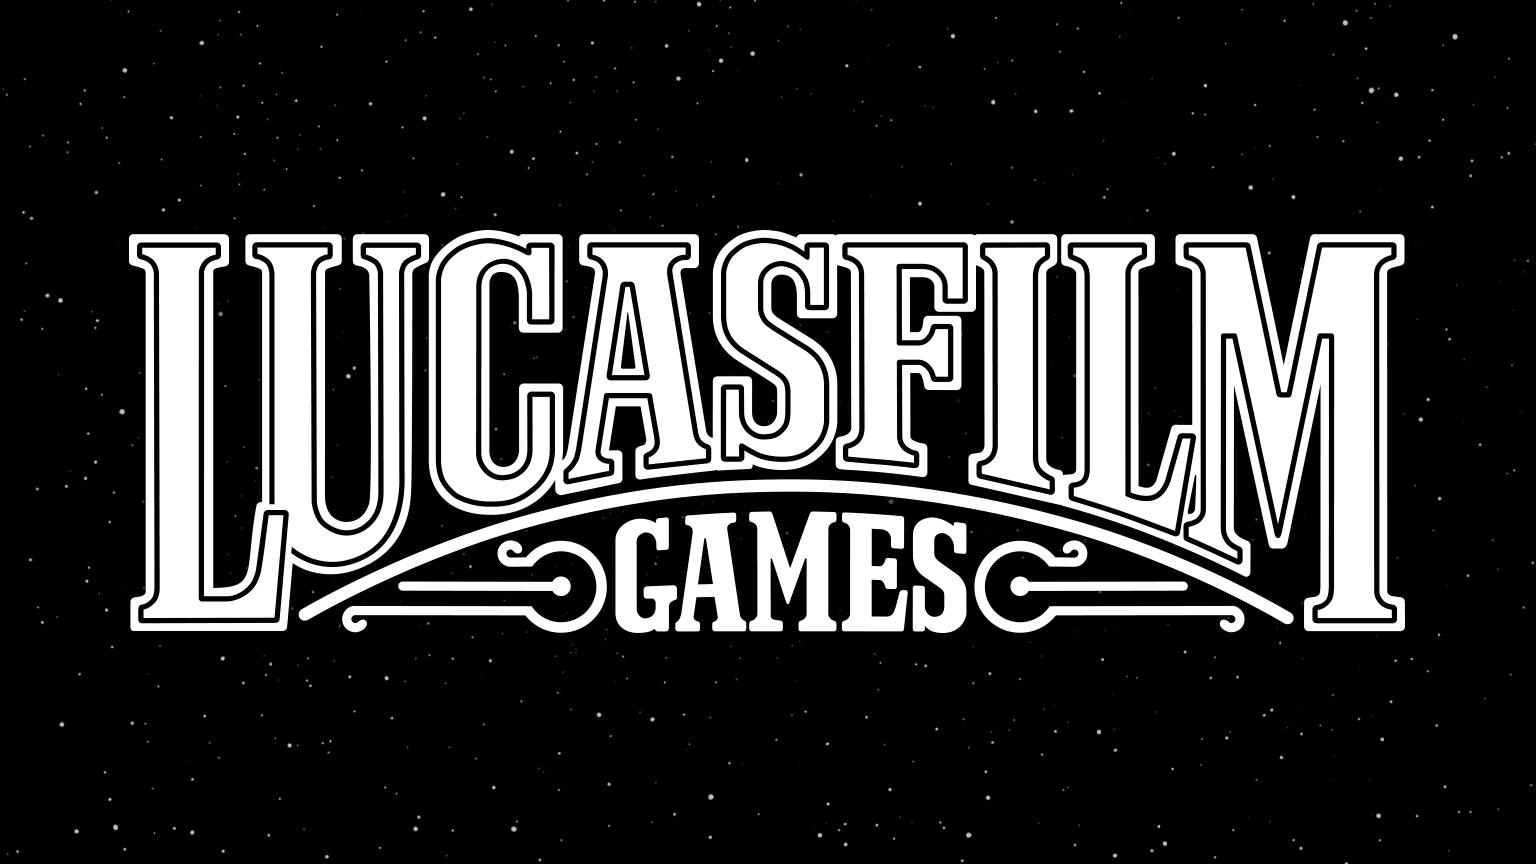 Lucasfilm_Games